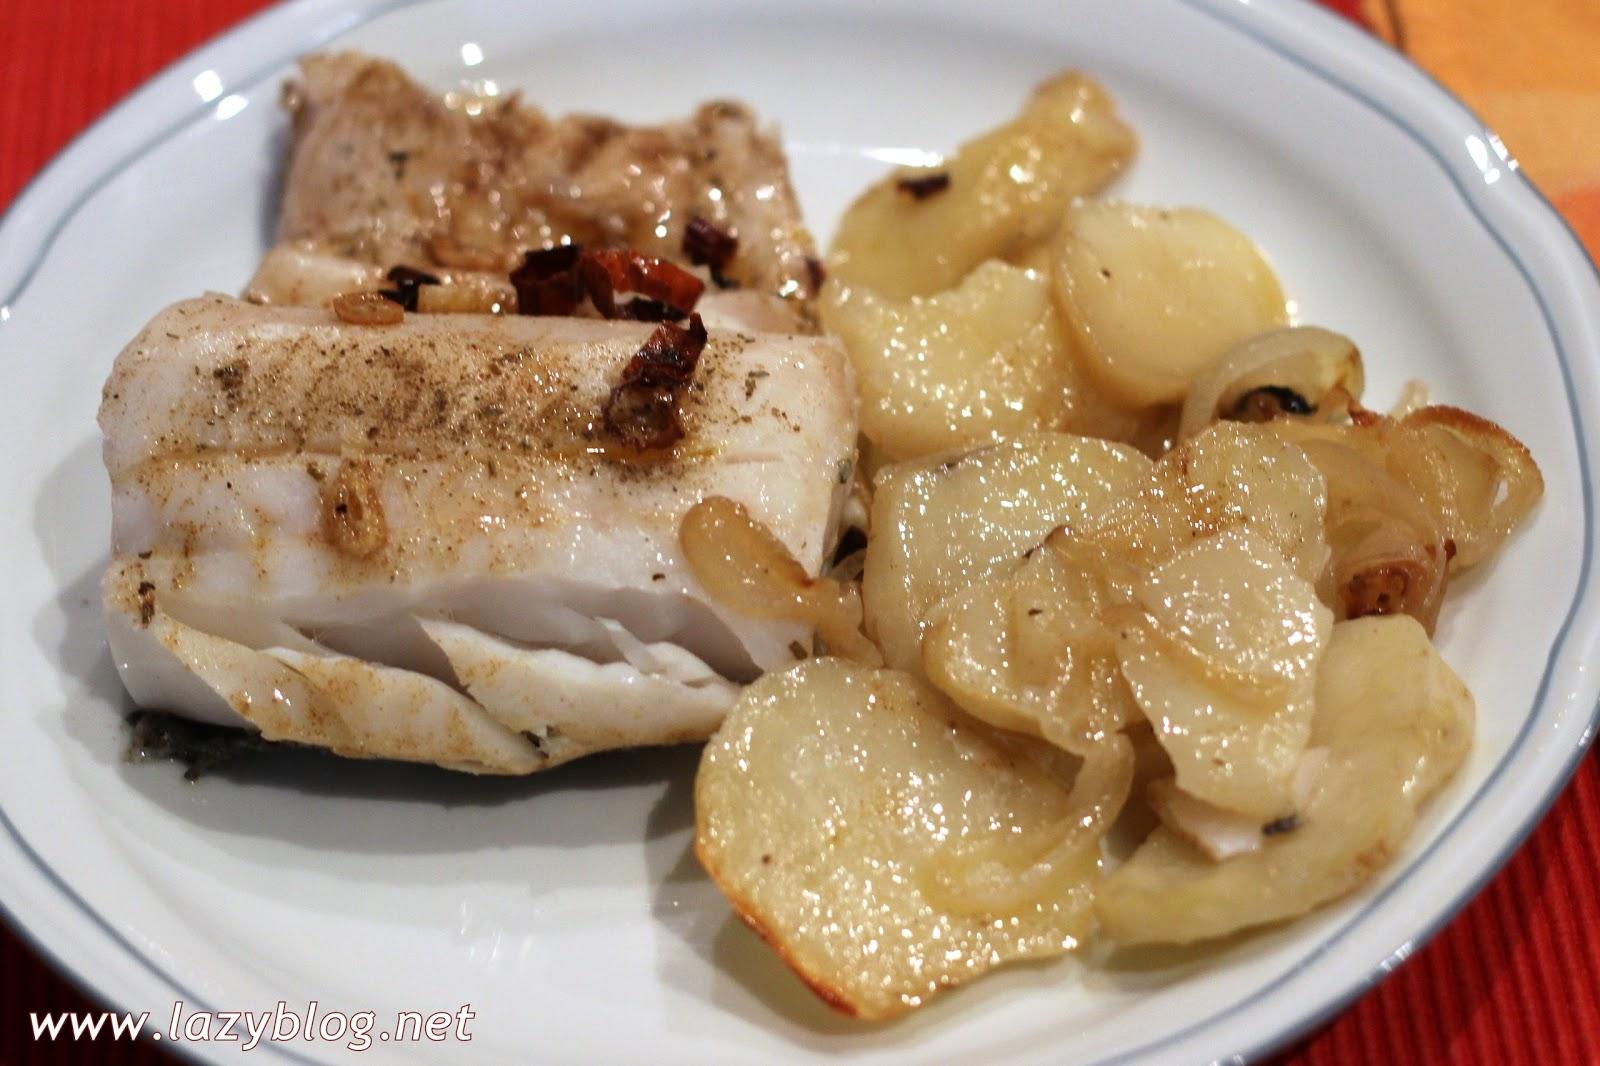 19 hermoso cocinar merluza congelada im genes - Lazy blog cocina ...